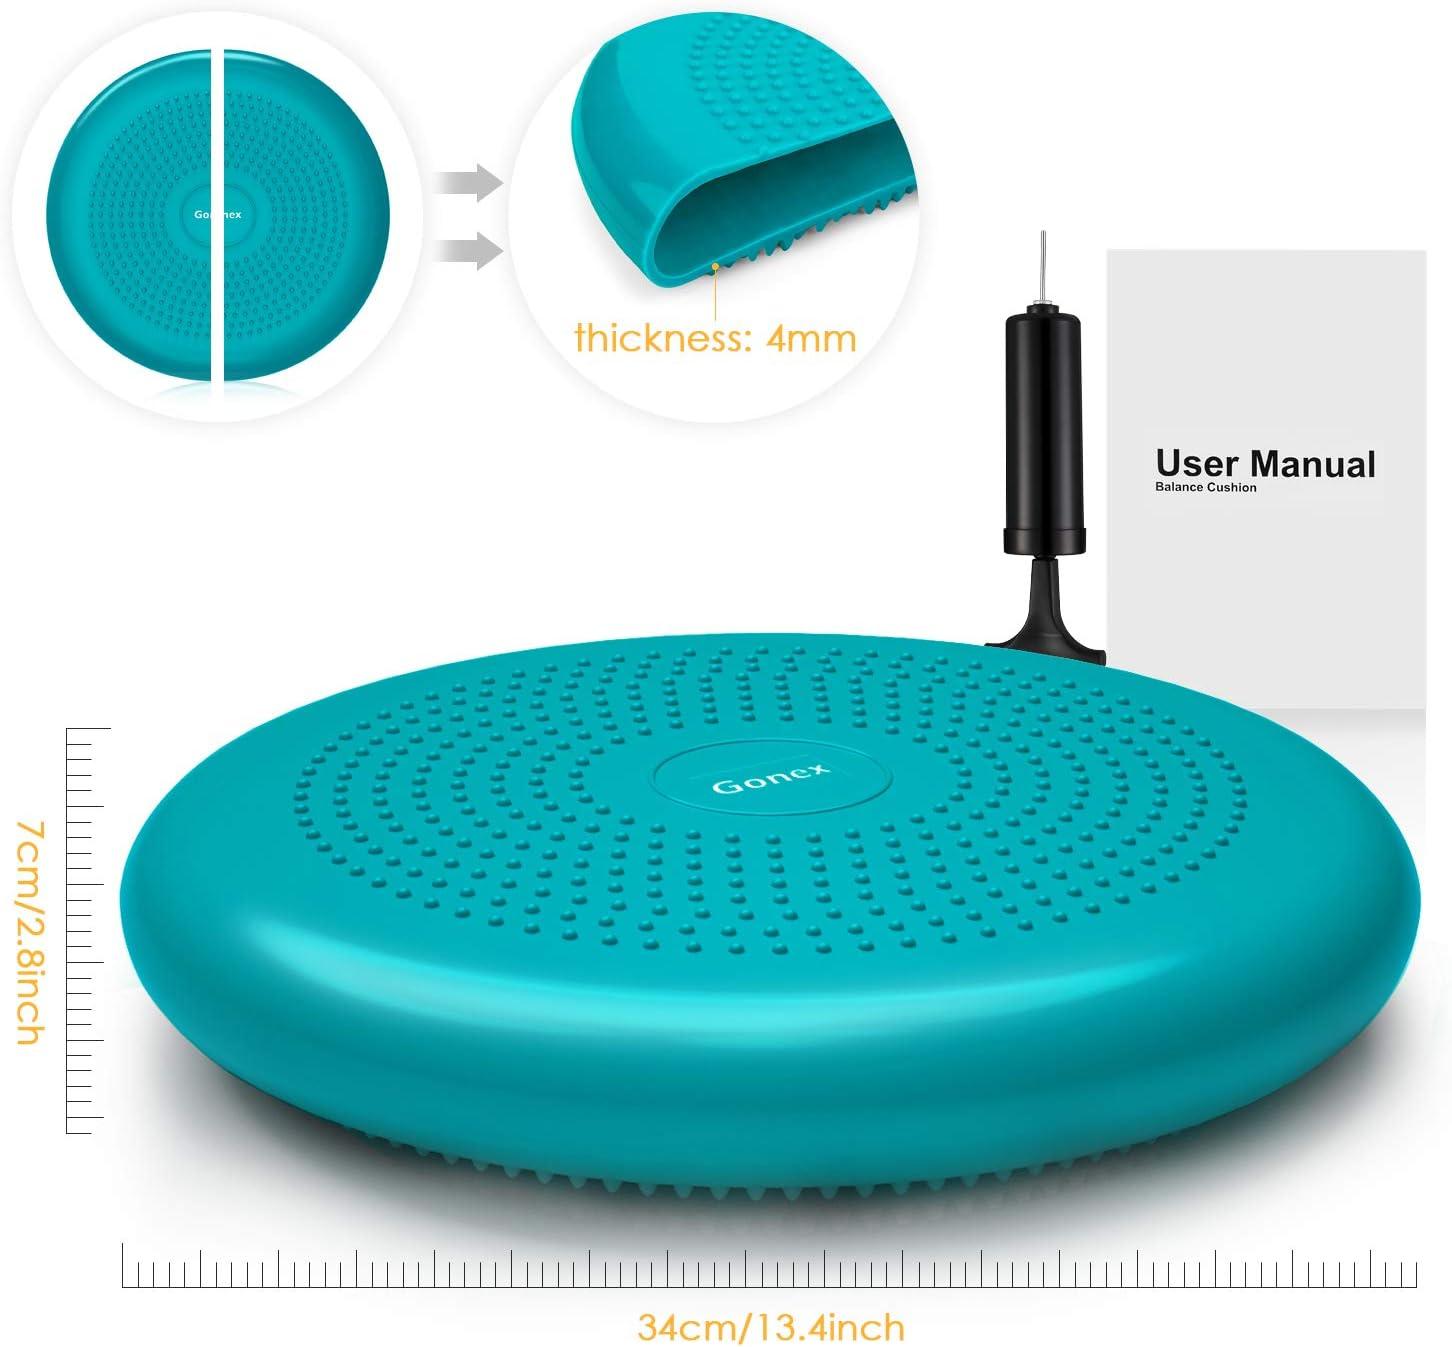 Gonex Coussins de stabilit/é Equilibre Balance Antid/érapant Gonflable avec Pompe pour Pilates Stretching Travailler l/équilibre Le Dos